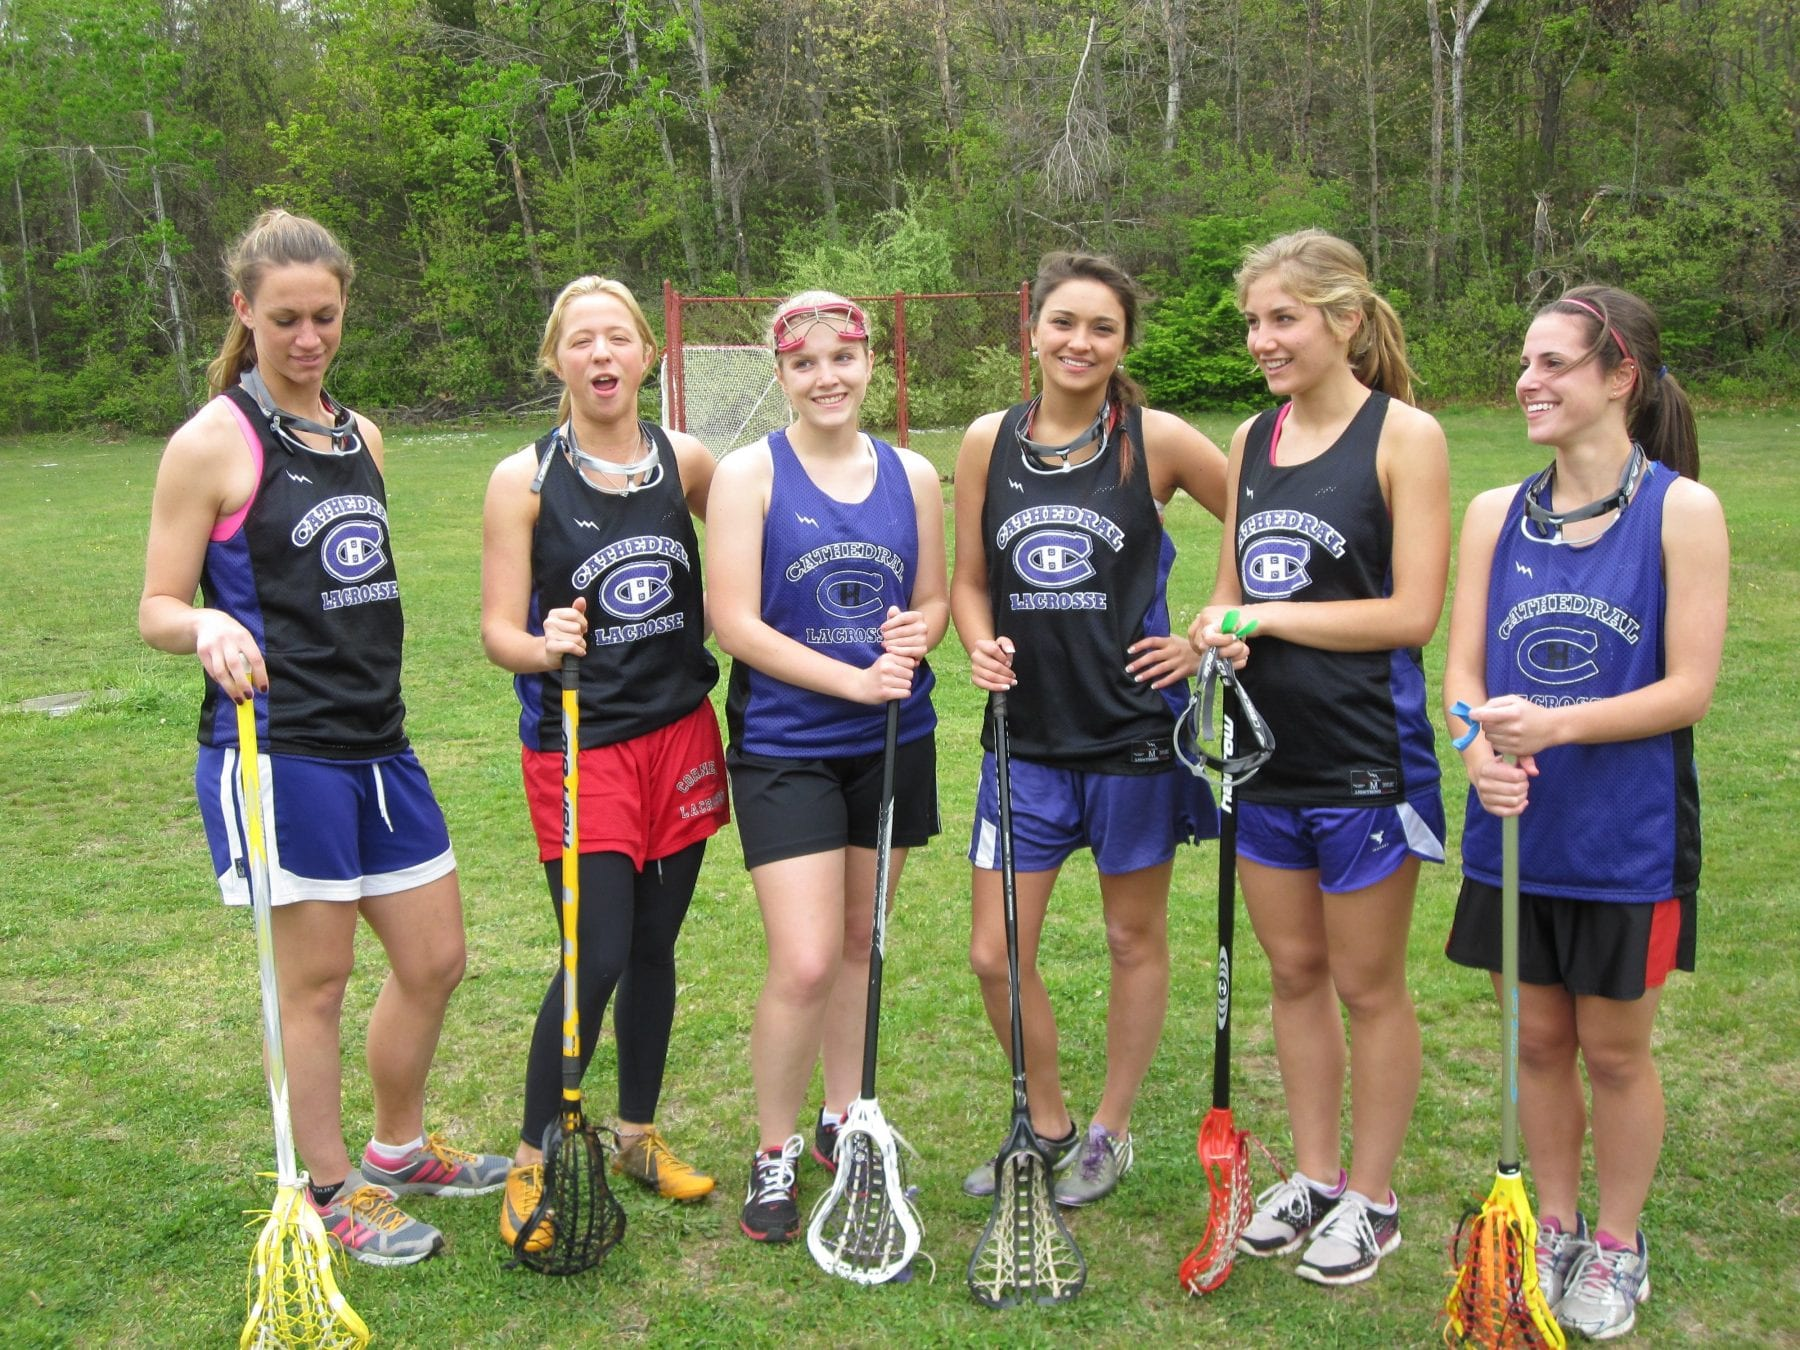 Customized Girls Lacrosse Jerseys